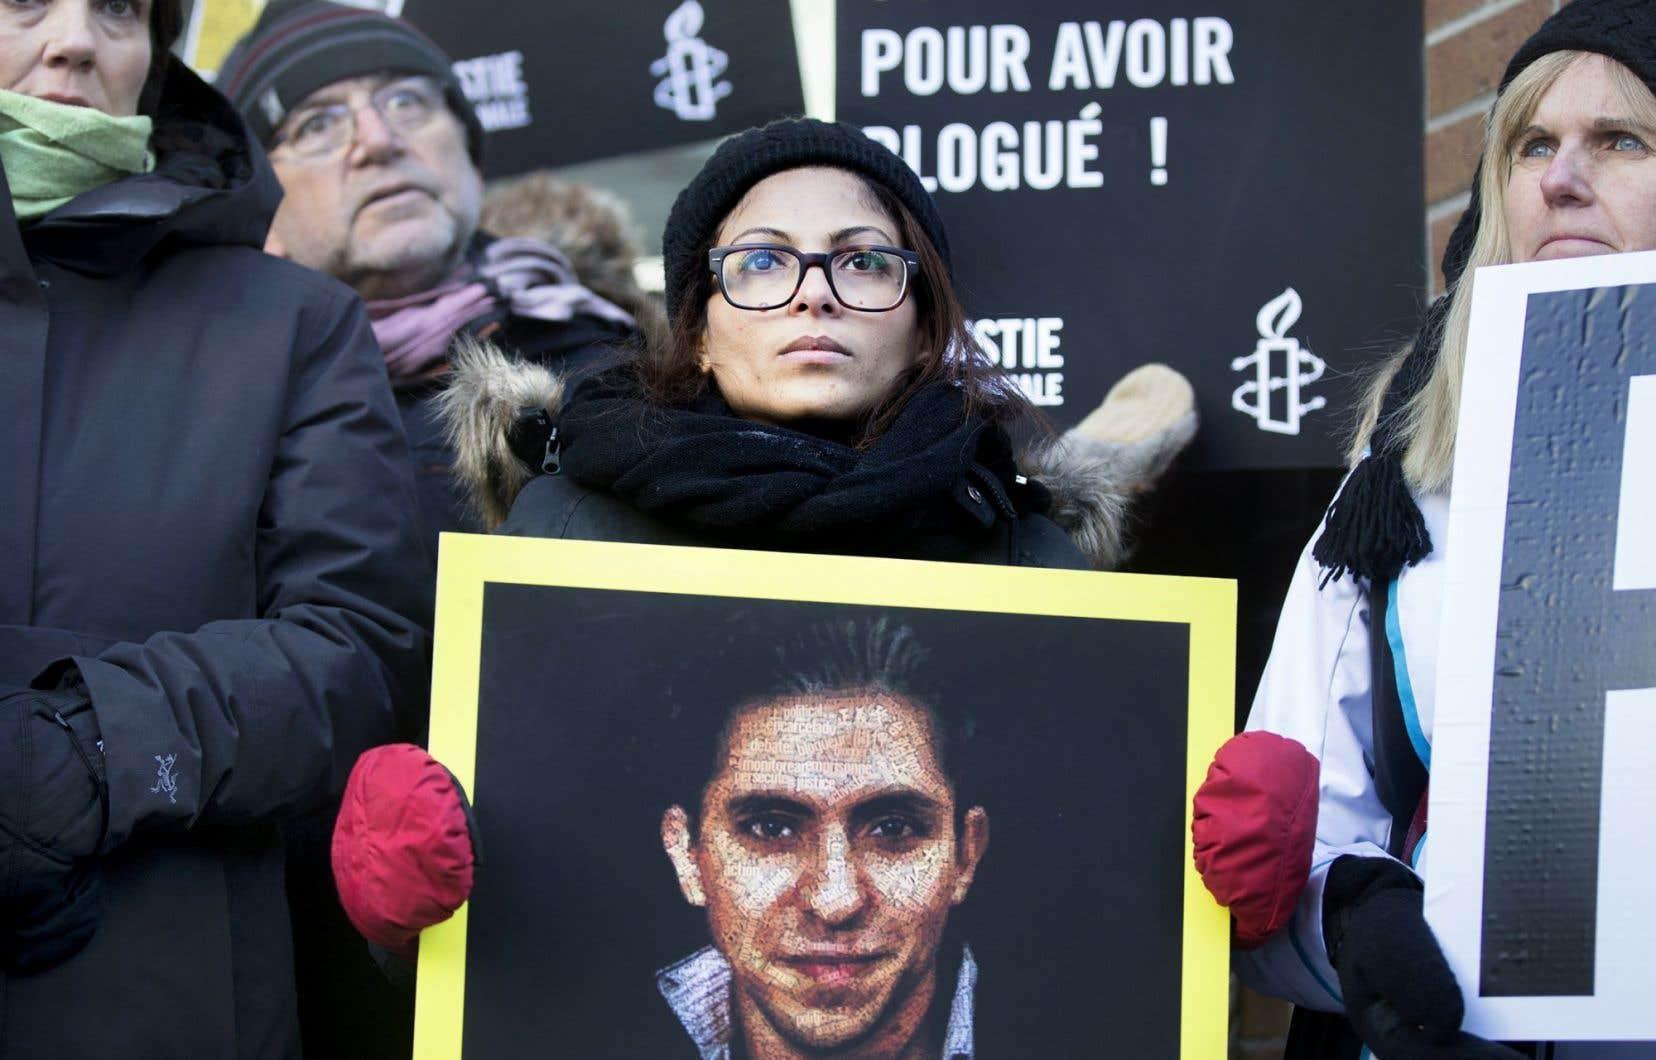 L'épouse de Raïf Badawi, Ensaf Haidar, a indiqué que les autorités de la prison centrale de Dhahran refusent tout soins de santé à l'homme emprisonné depuis 2012 en Arabie saoudite.